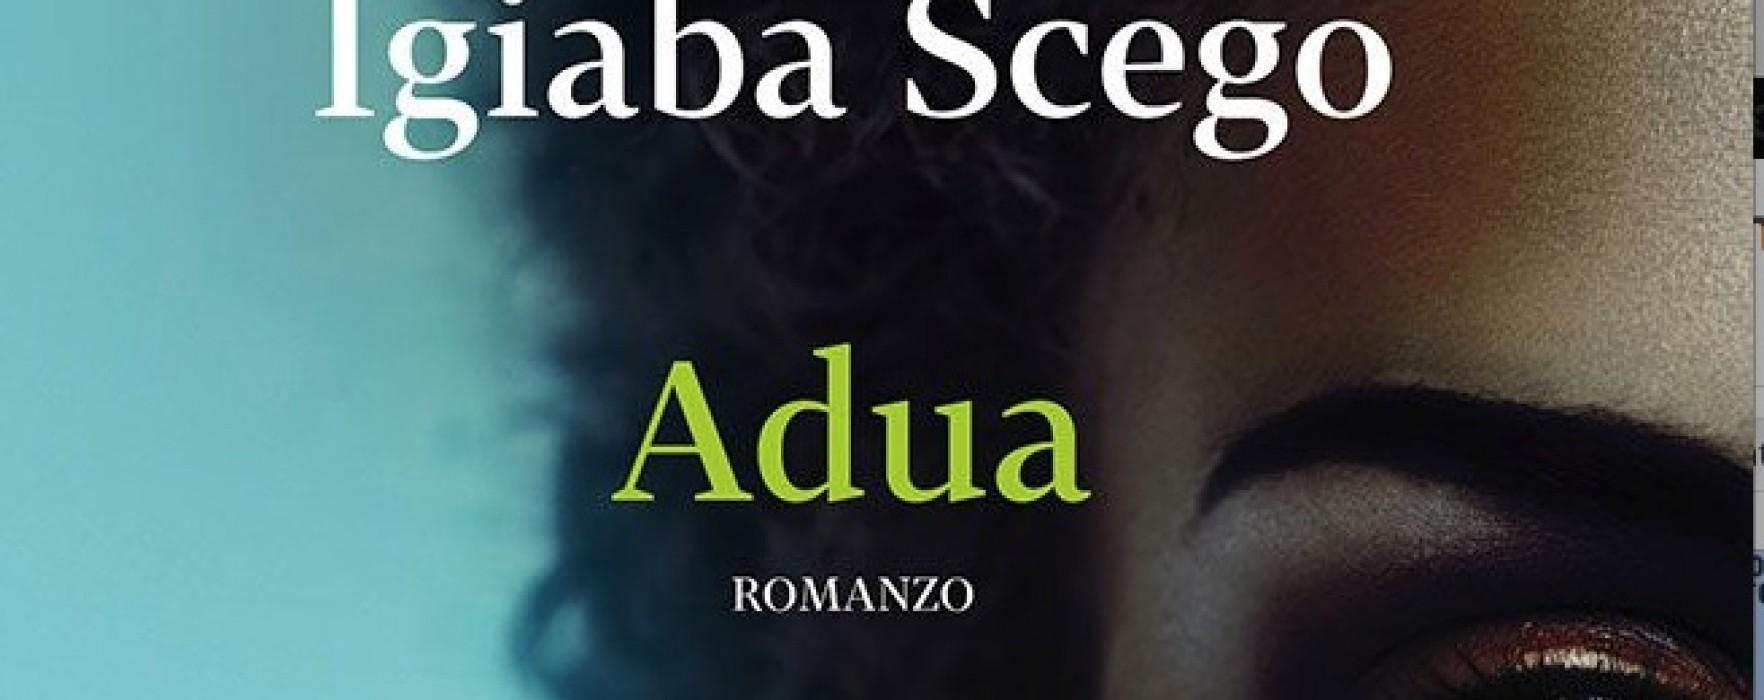 """""""Adua"""" di Igiaba Scego. Un romanzo feroce, commovente, attuale."""